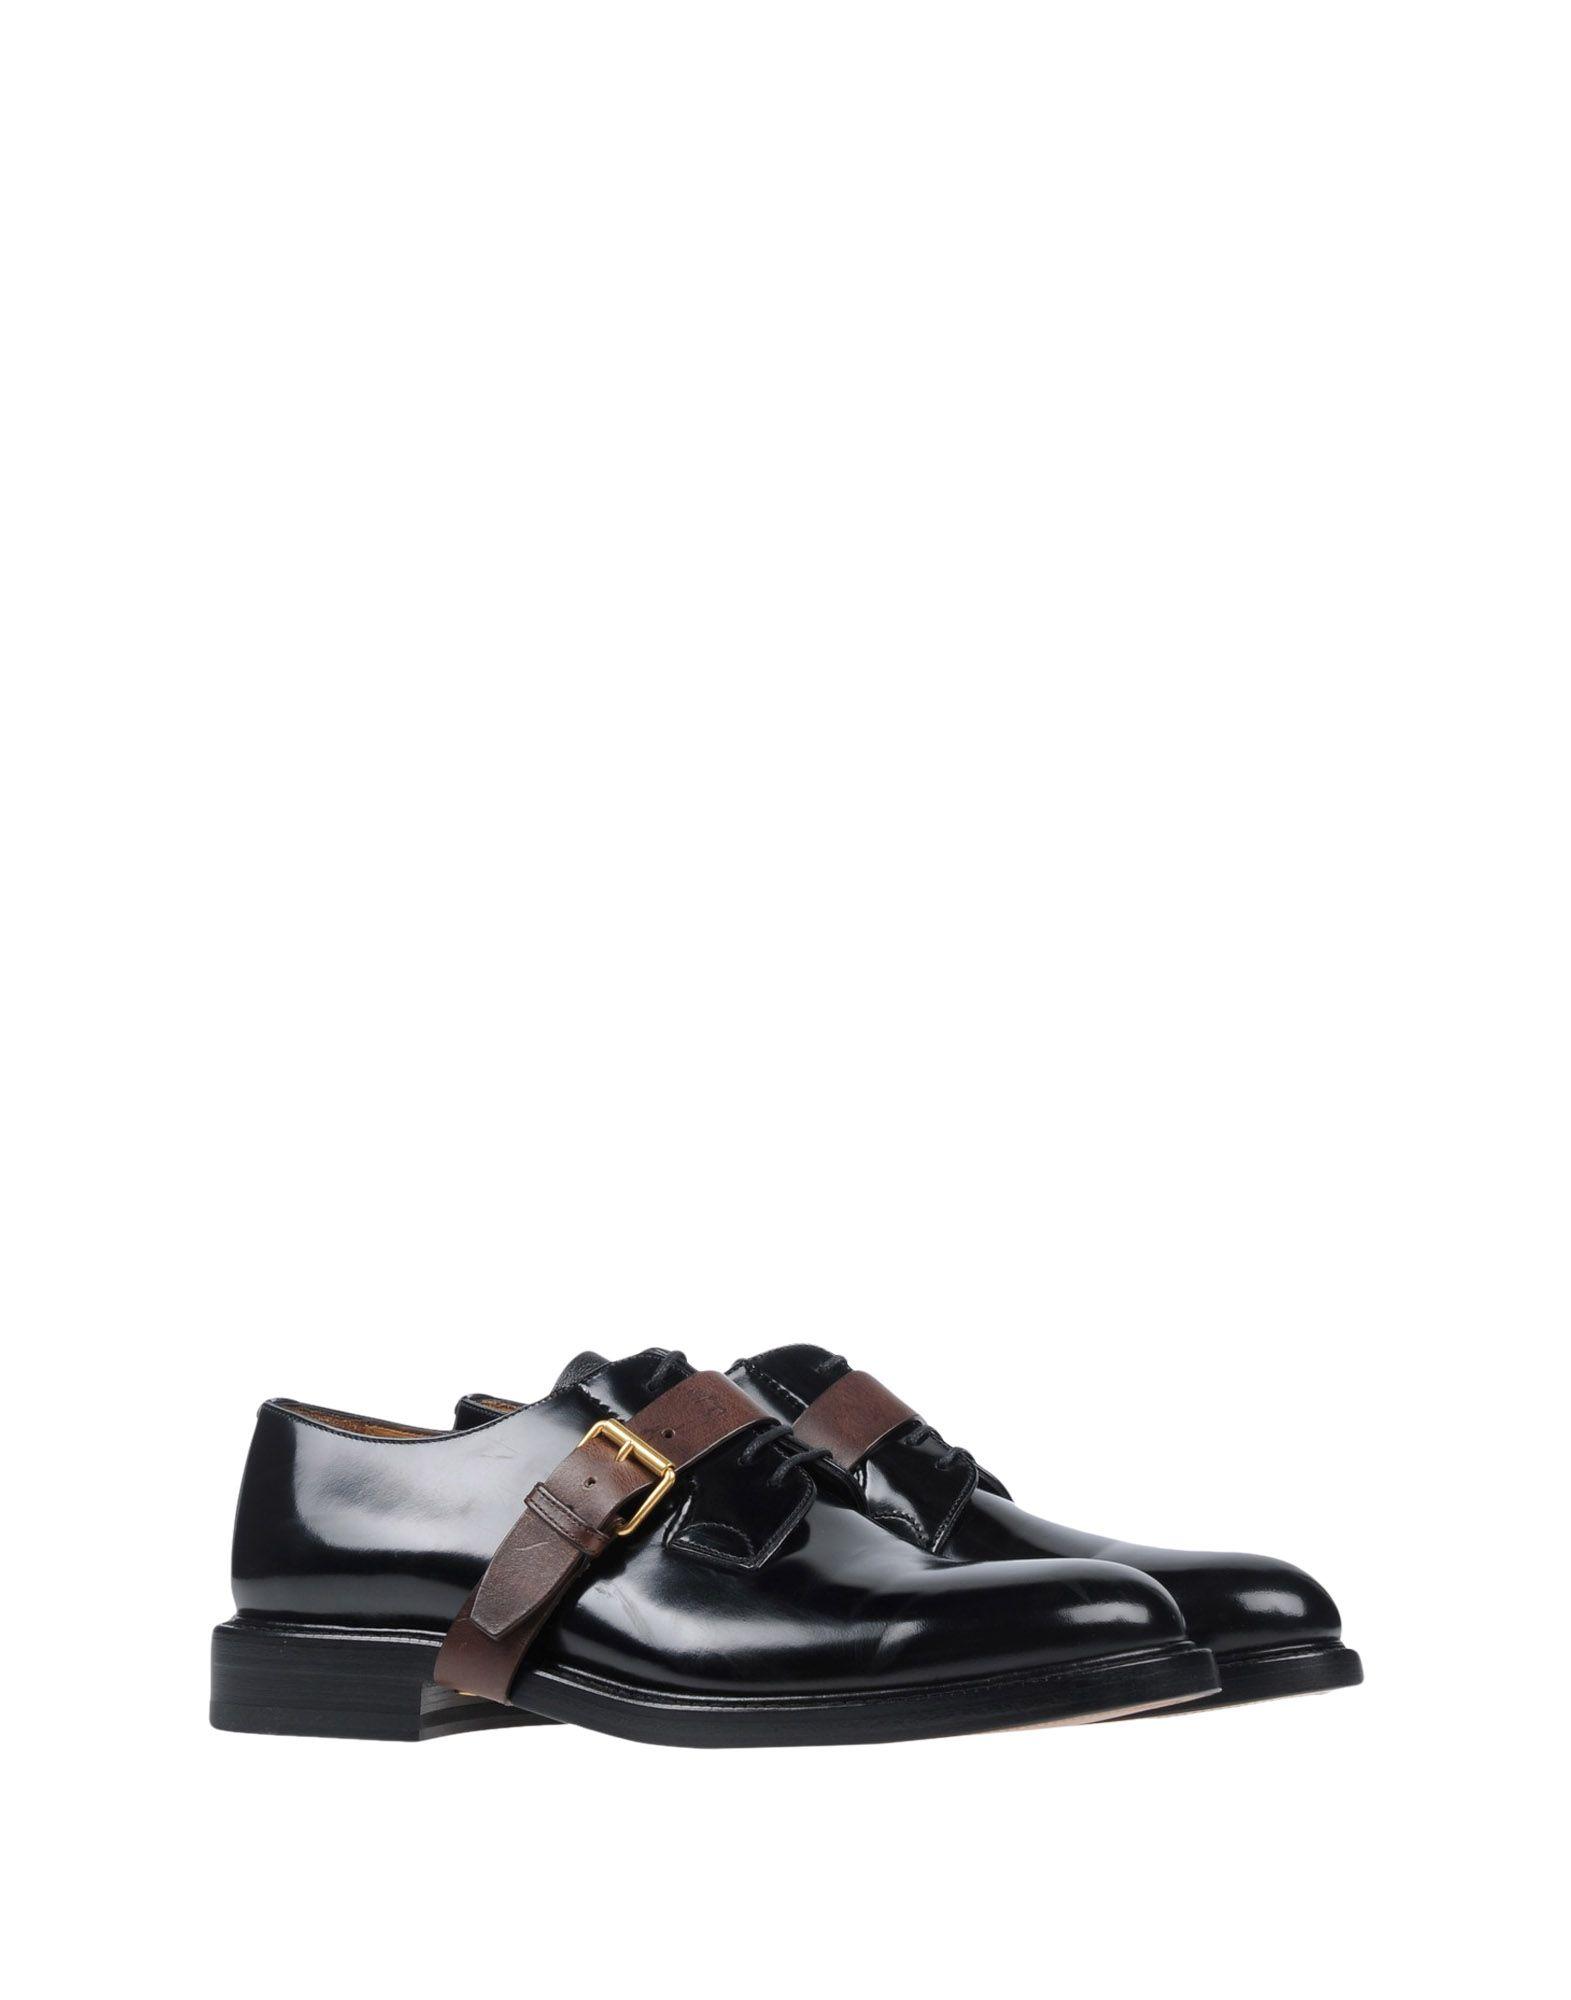 Valentino Garavani Schnürschuhe Herren  Schuhe 11477413MW Gute Qualität beliebte Schuhe  1aedbb